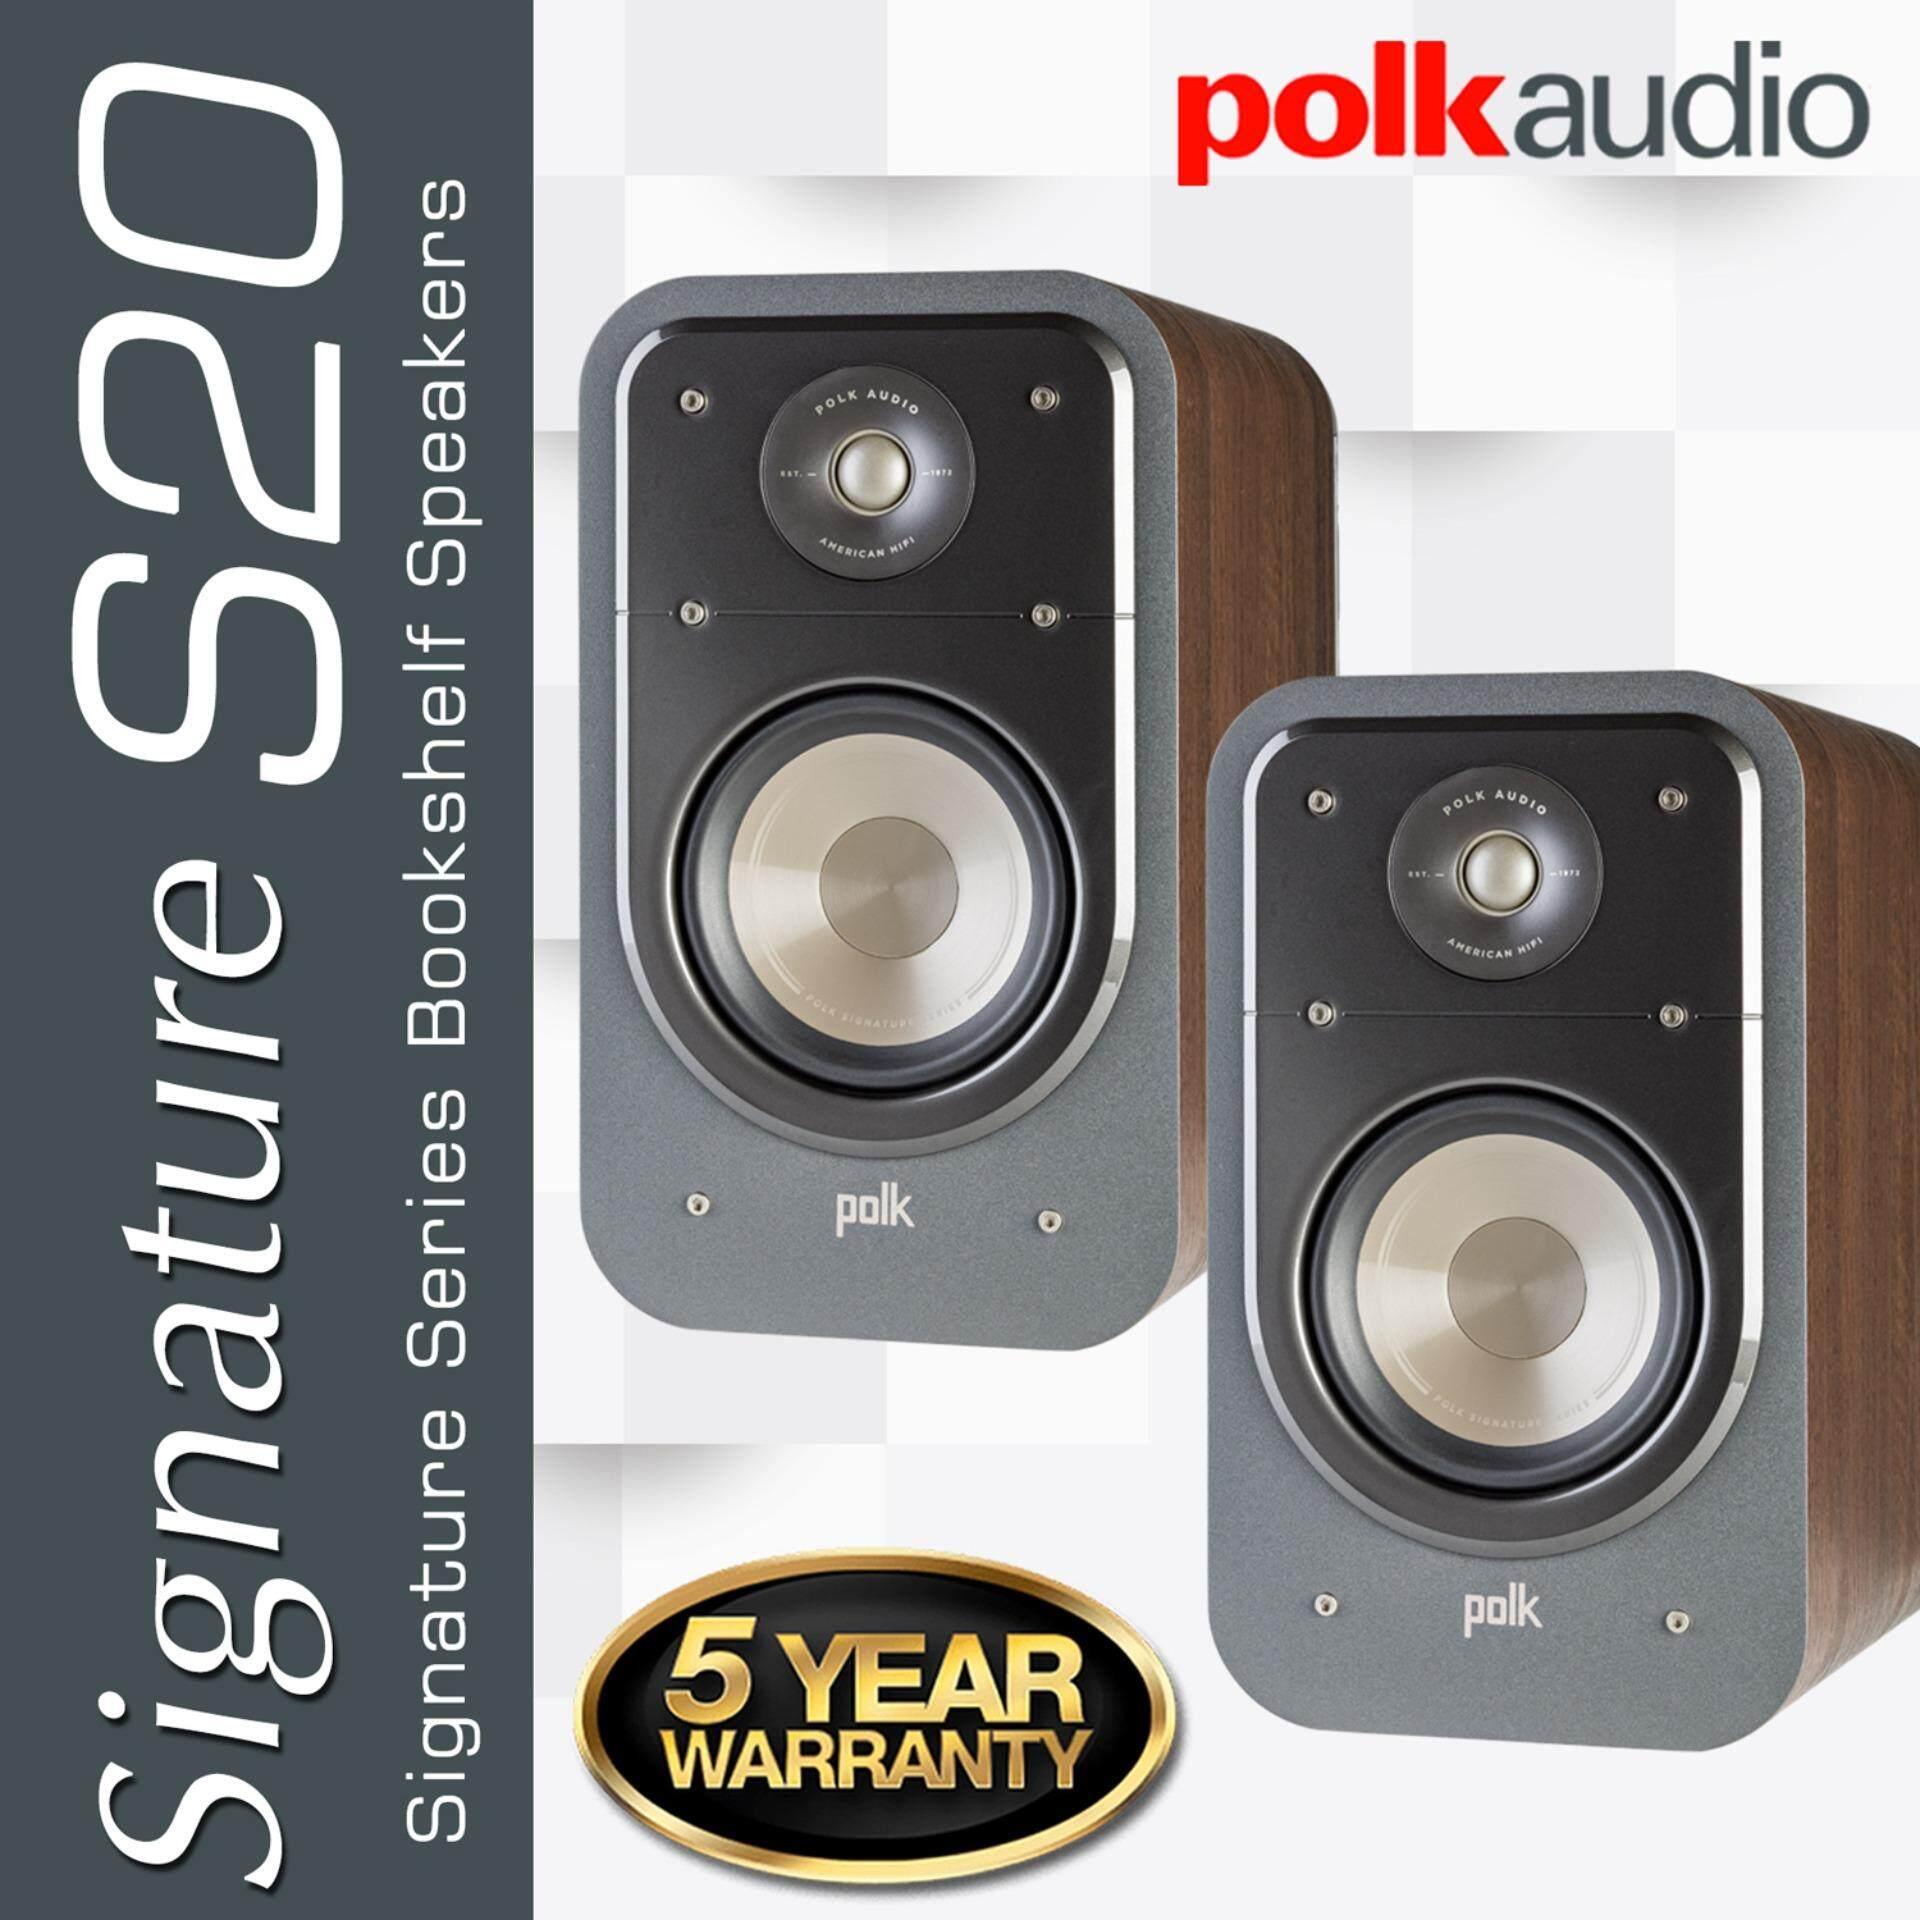 กาญจนบุรี POLK AUDIO รุ่น SIGNATURE S20 สี Brown Walnut รับประกัน 5ปี ศูนย์ POWER BUY จากผู้นำเข้าอย่างเป็นทางการ ราคาต่อ ลำโพง 1คู่ 2ตัว ซ้าย-ขวา